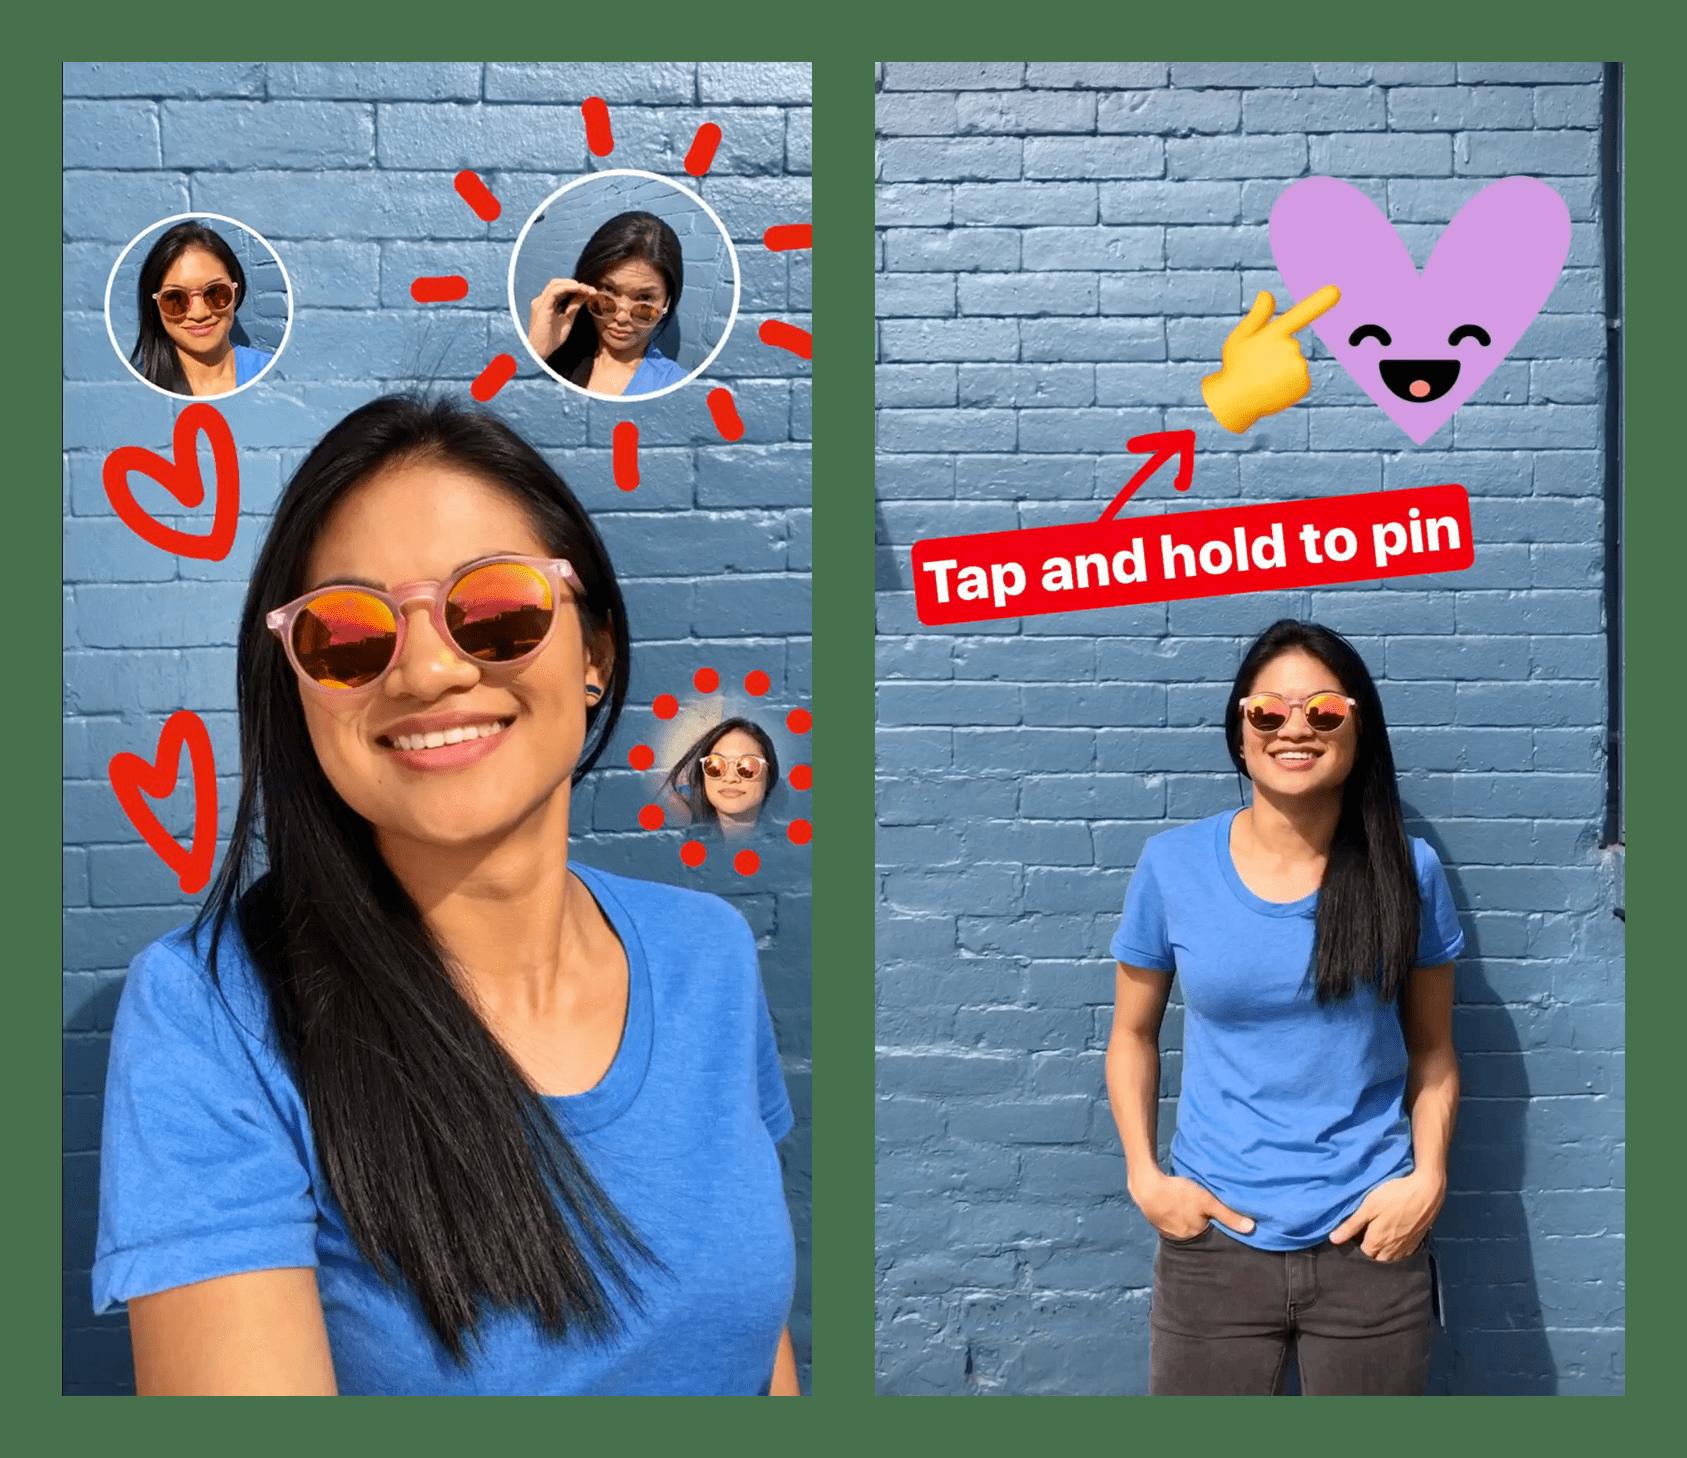 How Do I Make a Selfie Sticker on Instagram? | POPSUGAR News